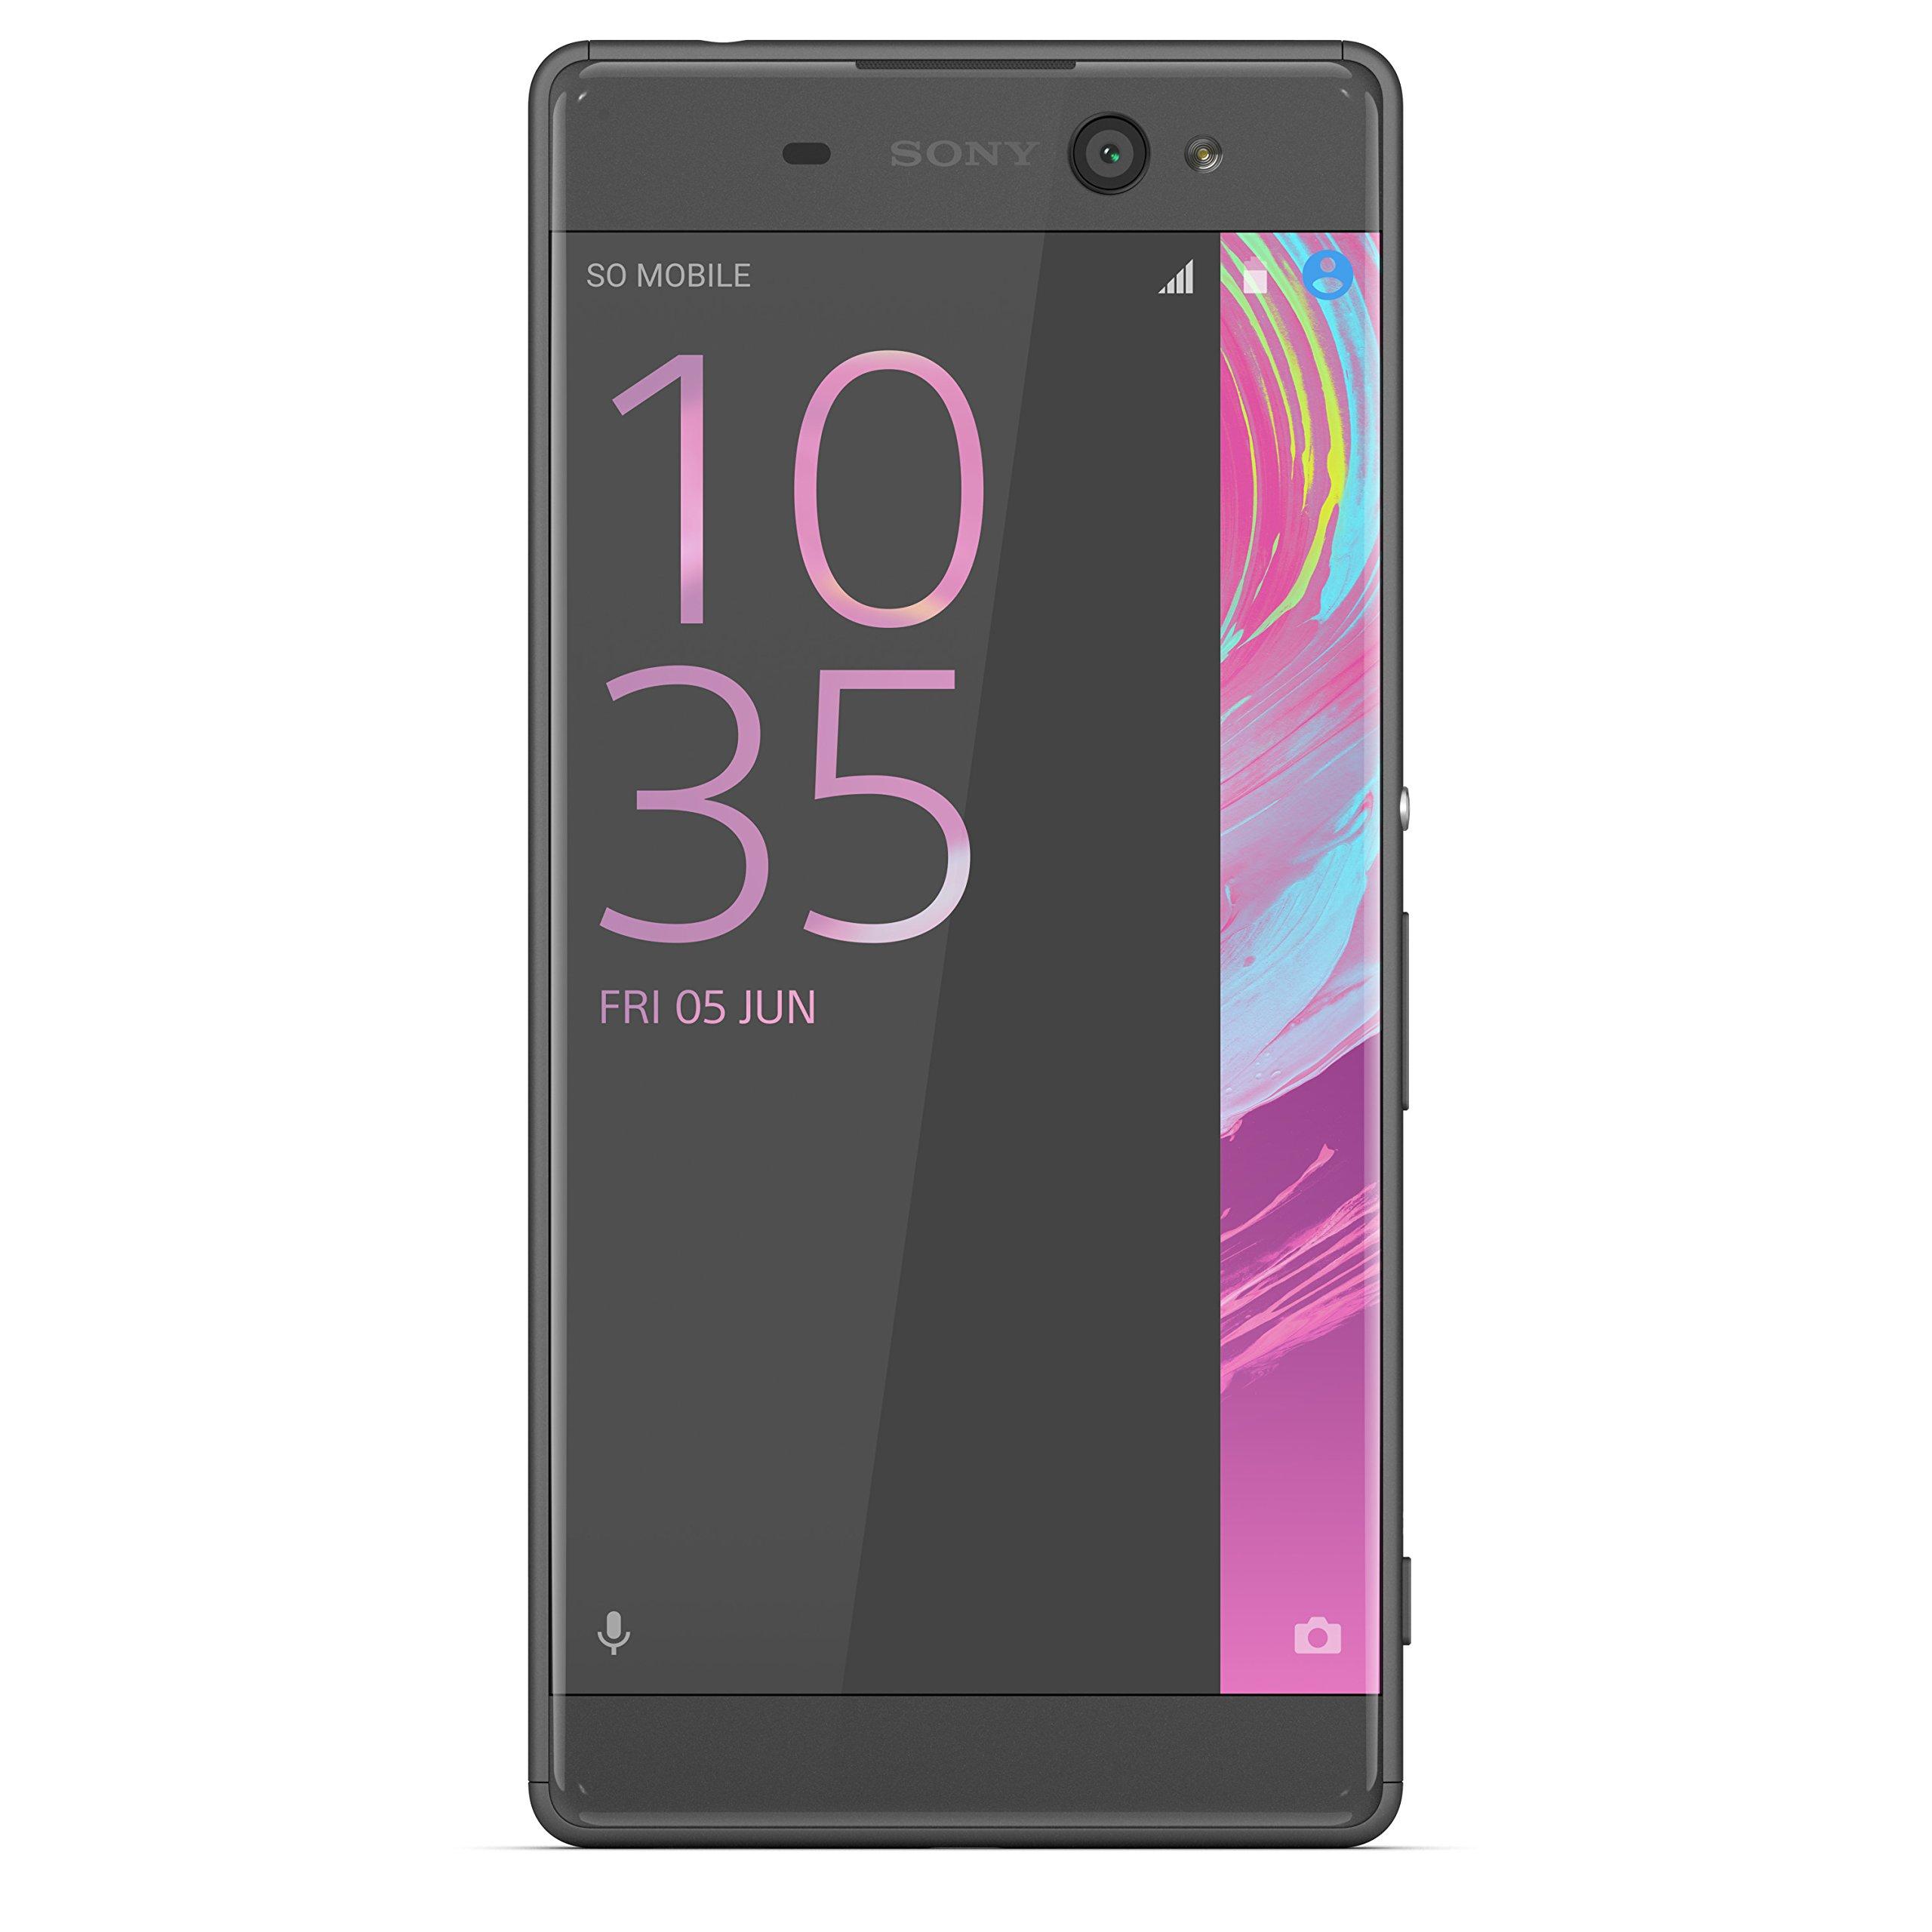 Sony Xperia XA Ultra unlocked smartphone,16GB Black (US Warranty)